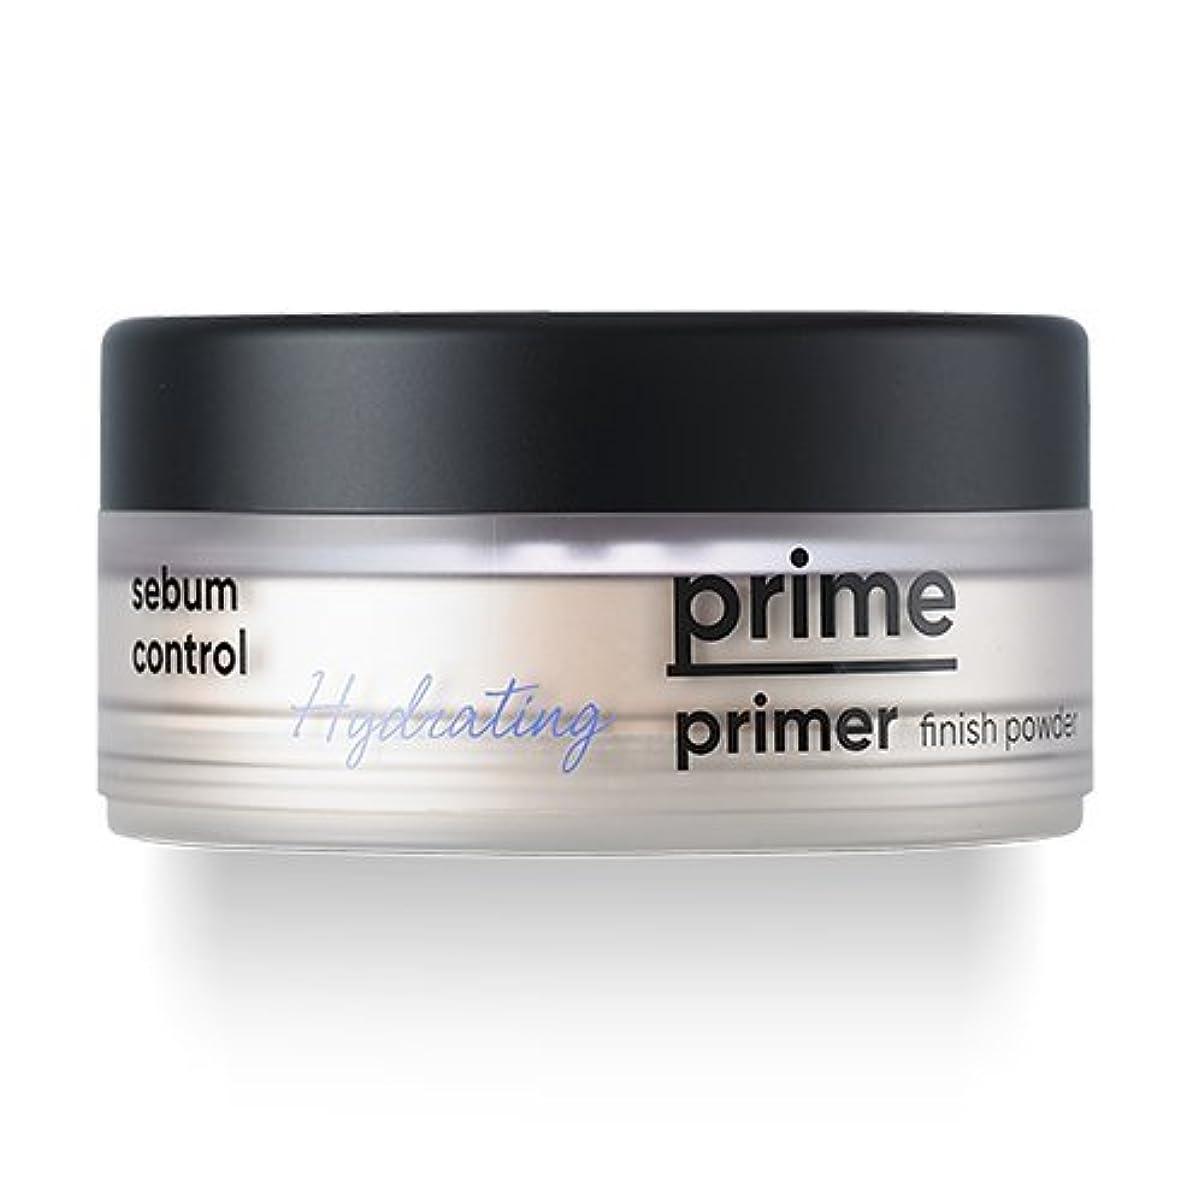 壁アッパー起こりやすいBANILA CO Prime Primer Hydrating Powder 12g/バニラコ プライム プライマー ハイドレーティング パウダー 12g [並行輸入品]